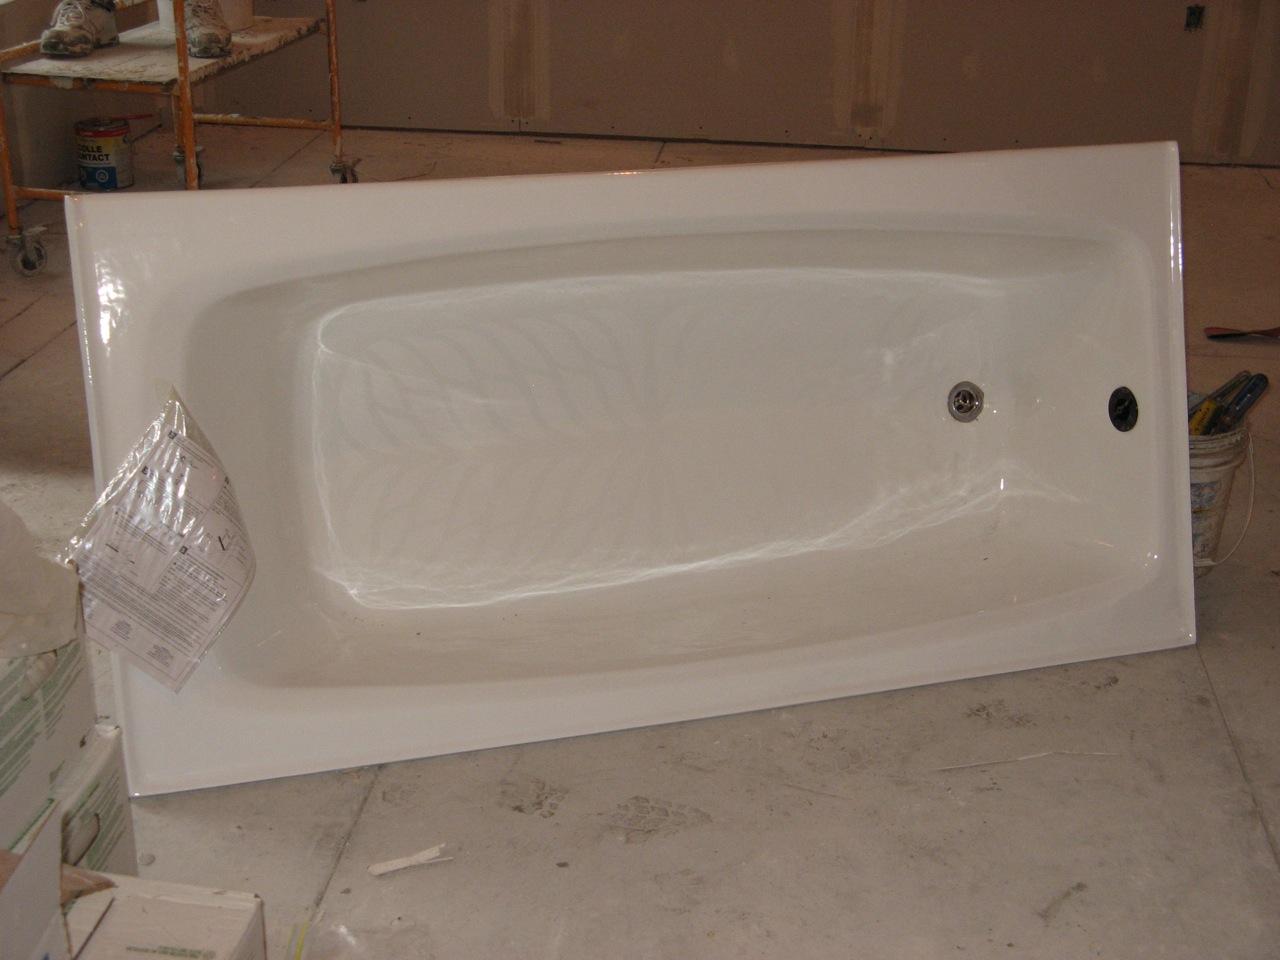 Comment Nettoyer Une Baignoire En Fonte Émaillée mariner dans une baignoire en fonte   l'actualité